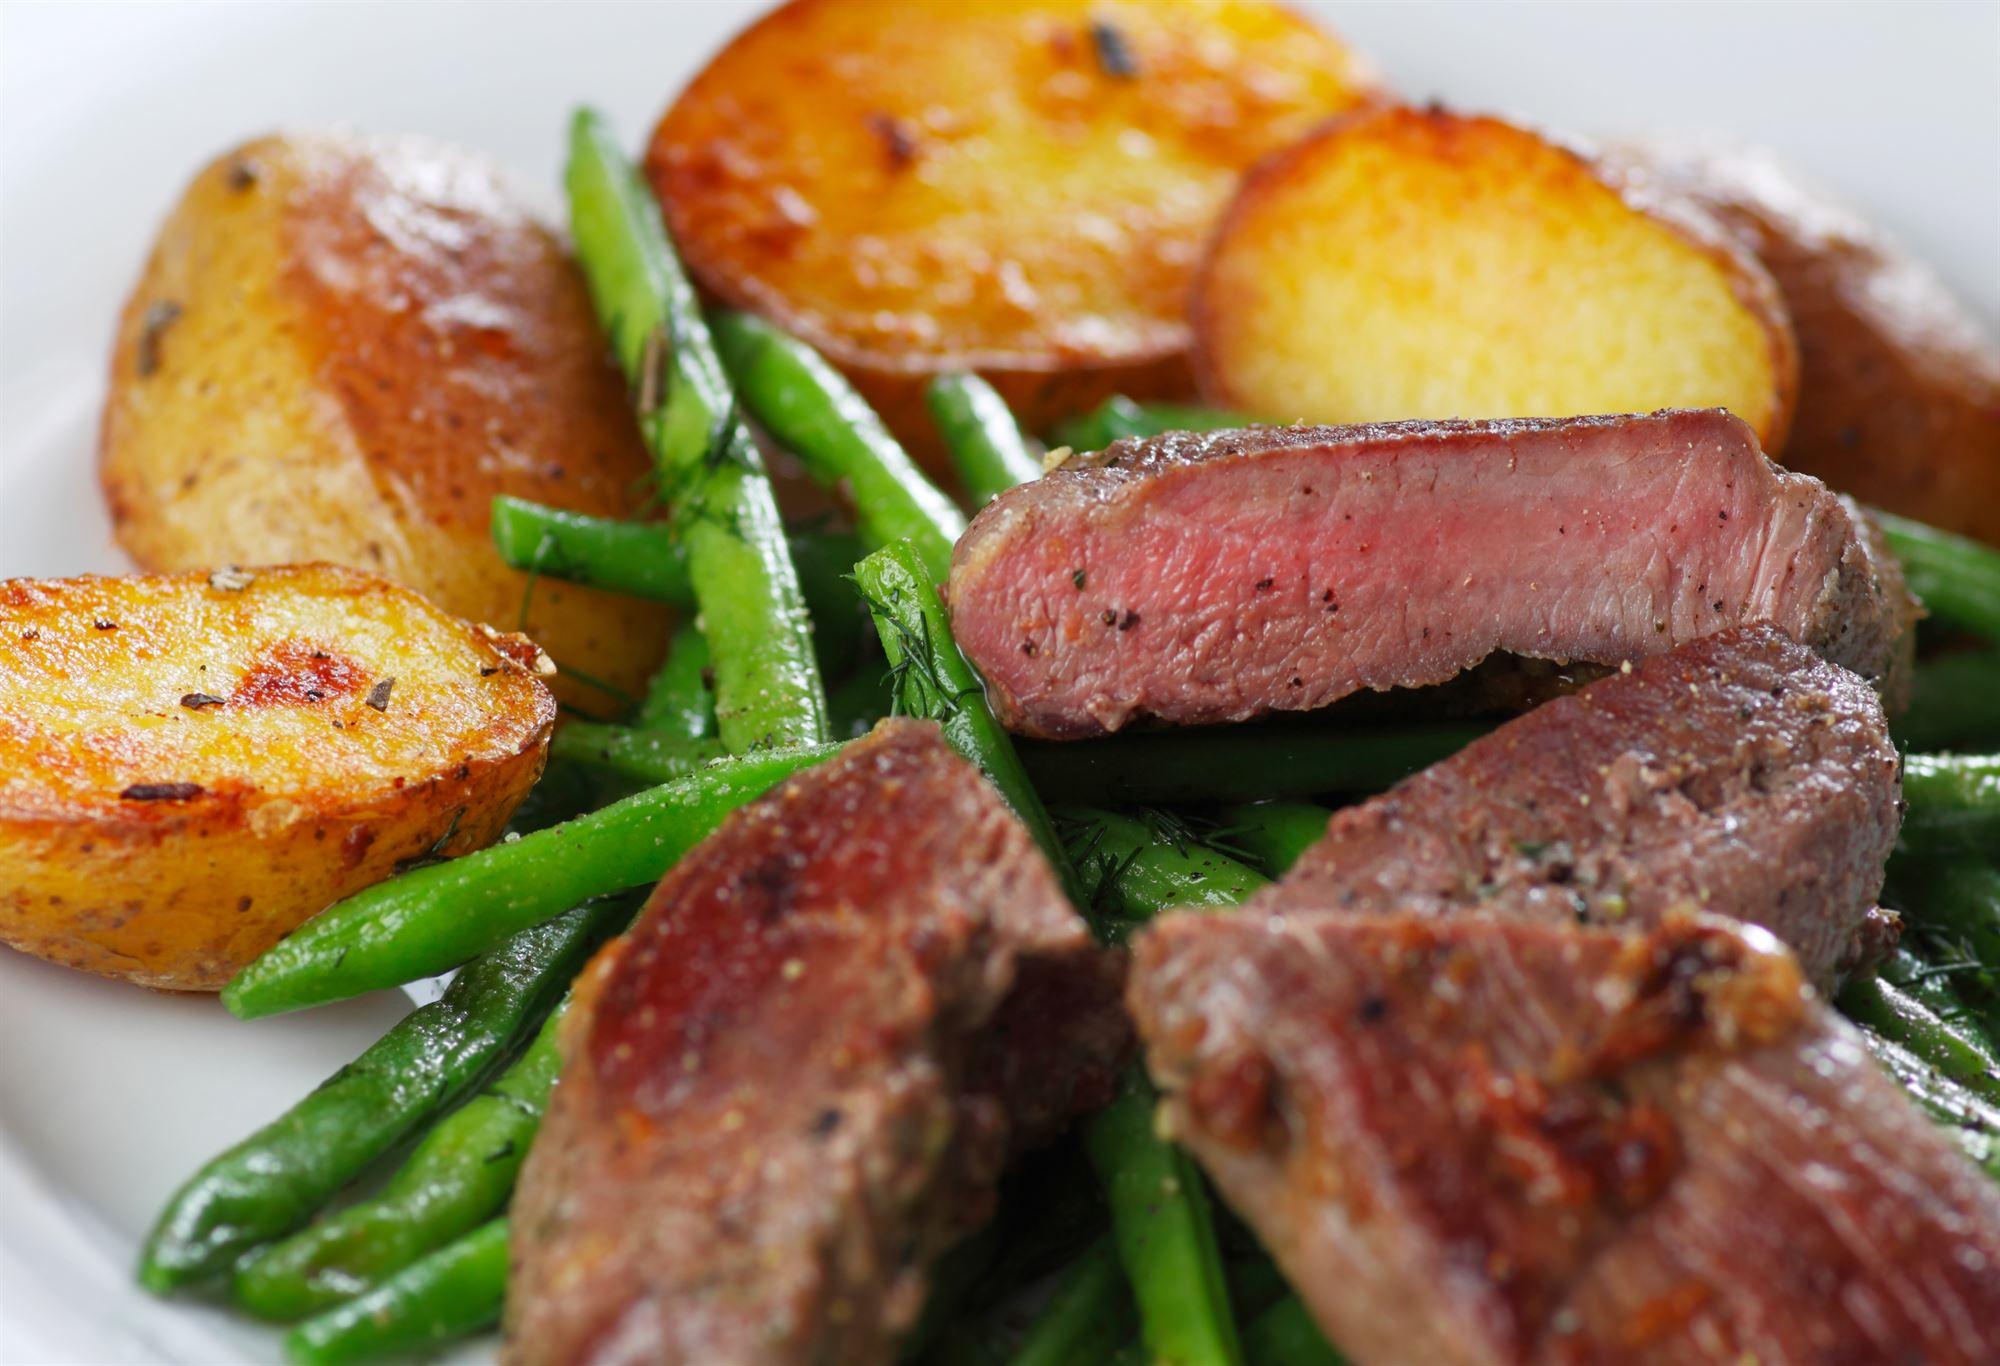 Grillet lammekølle med salat af kartofler, bønner og champignon